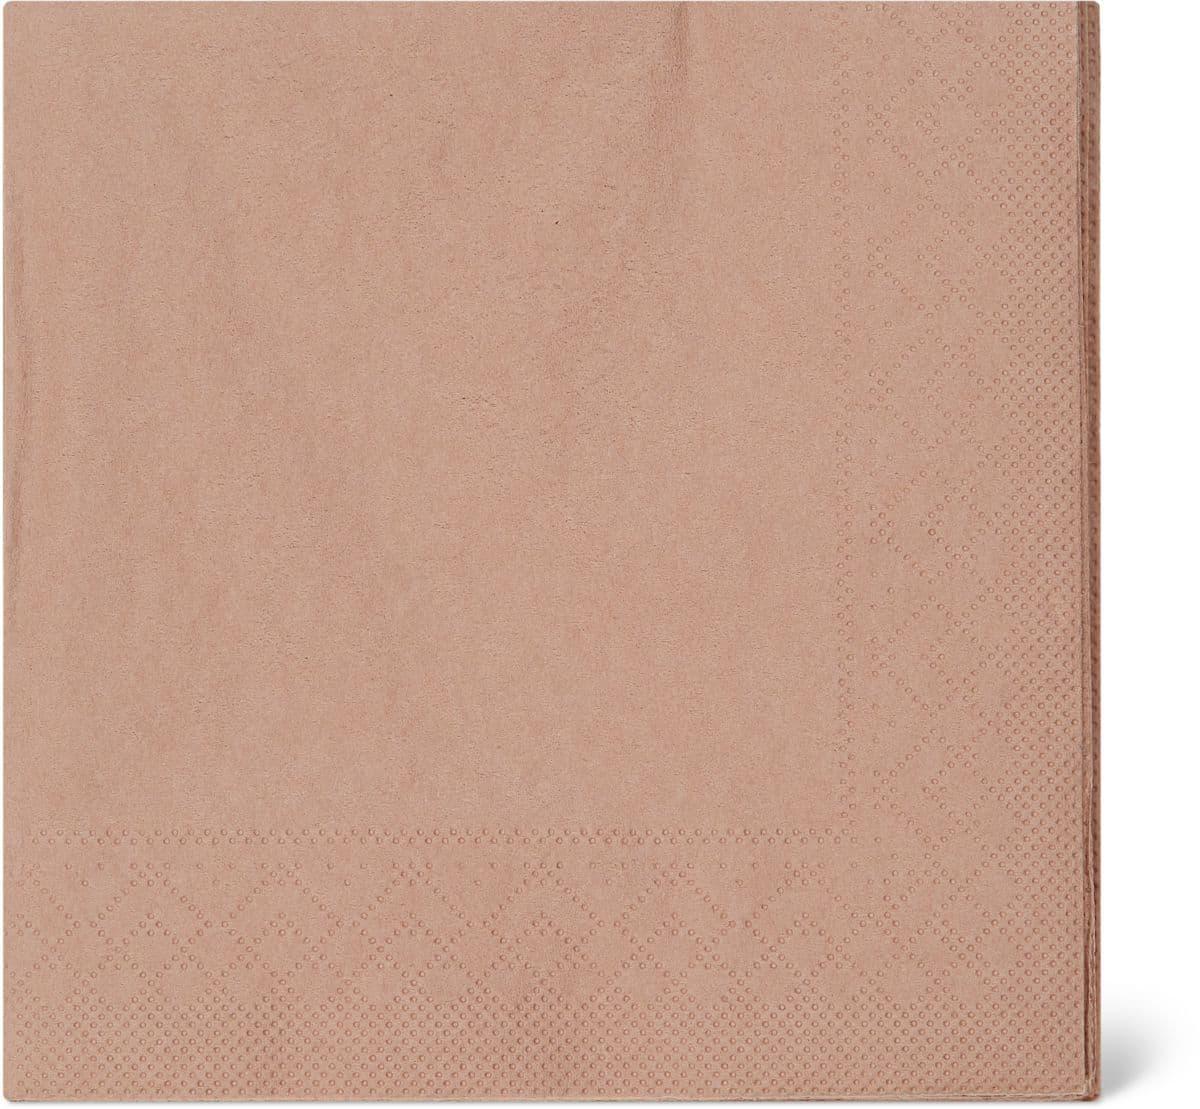 Cucina & Tavola Tovaglioli di carta, 25 x 25 cm